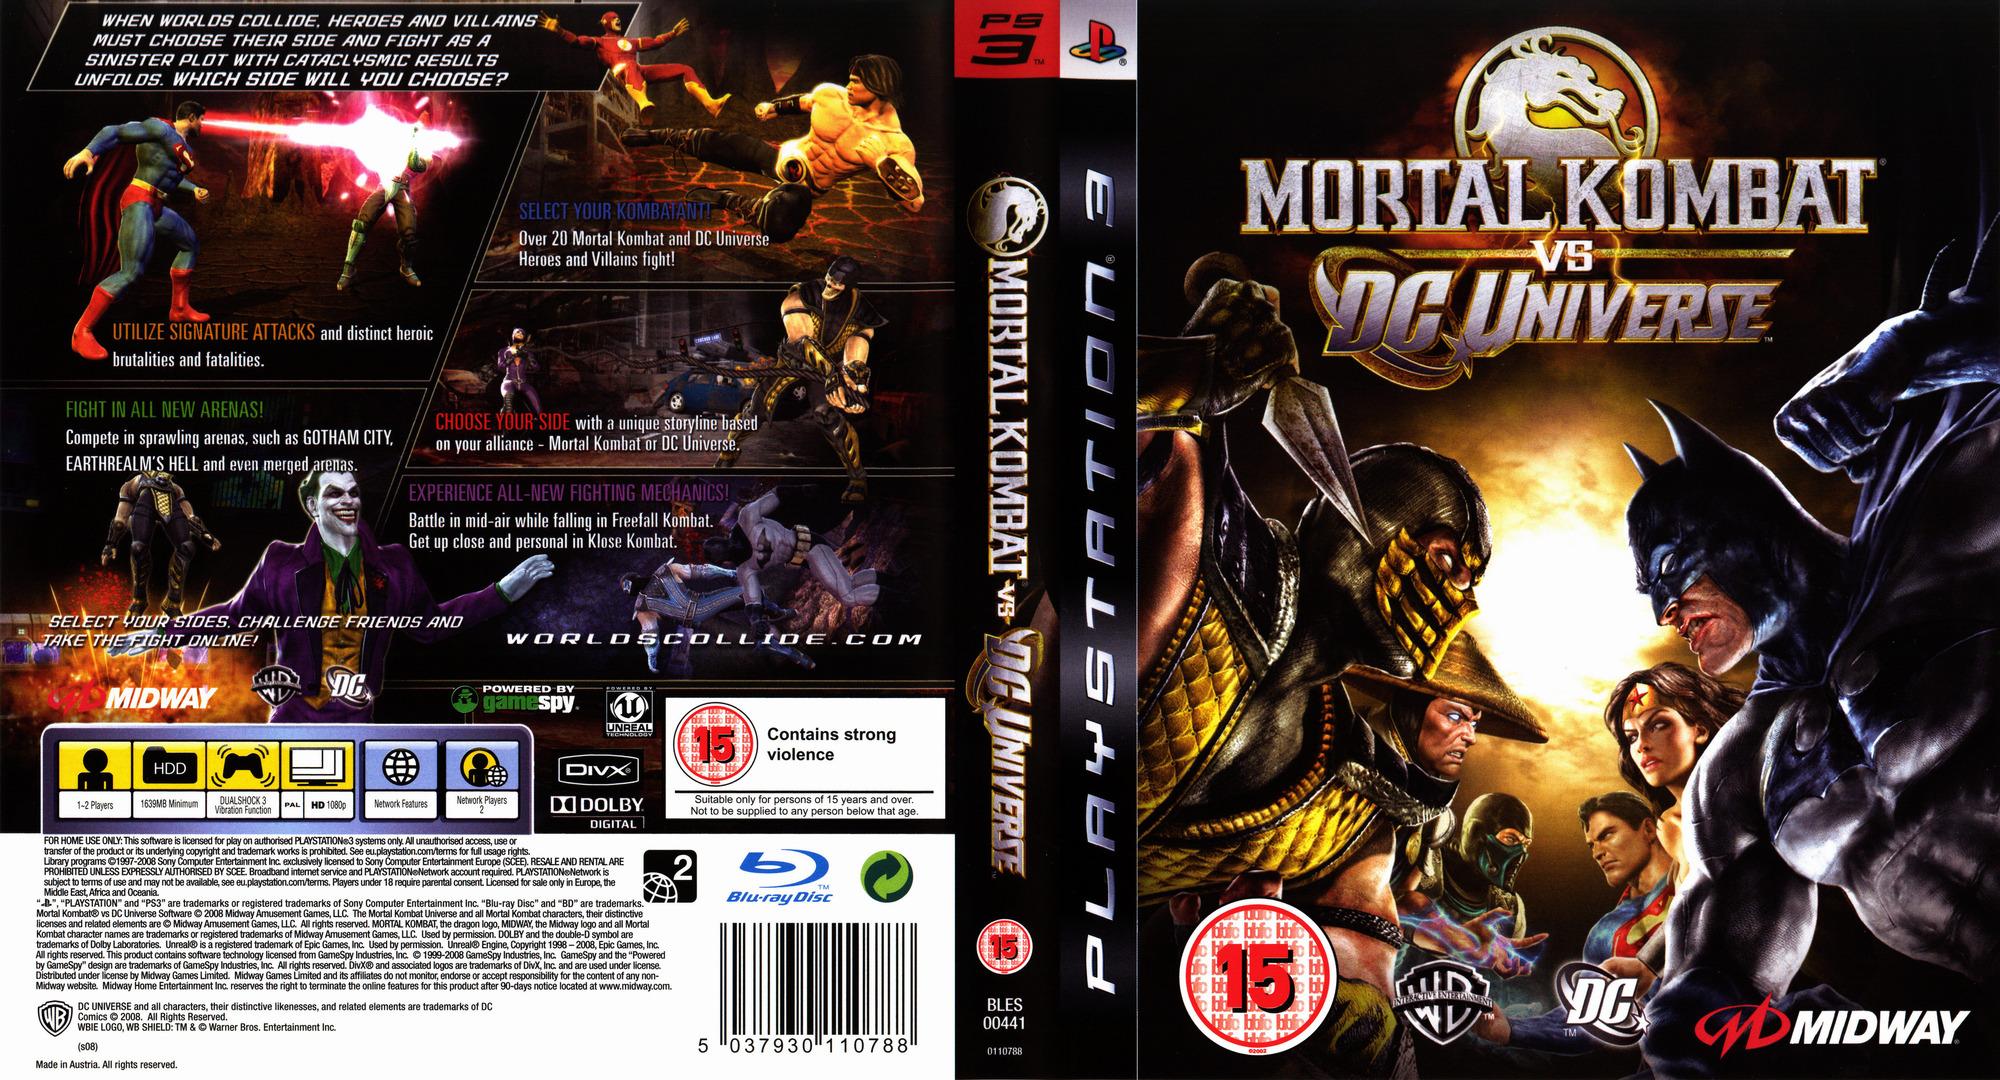 Mortal Kombat vs. DC Universe PS3 coverfullHQ (BLES00441)